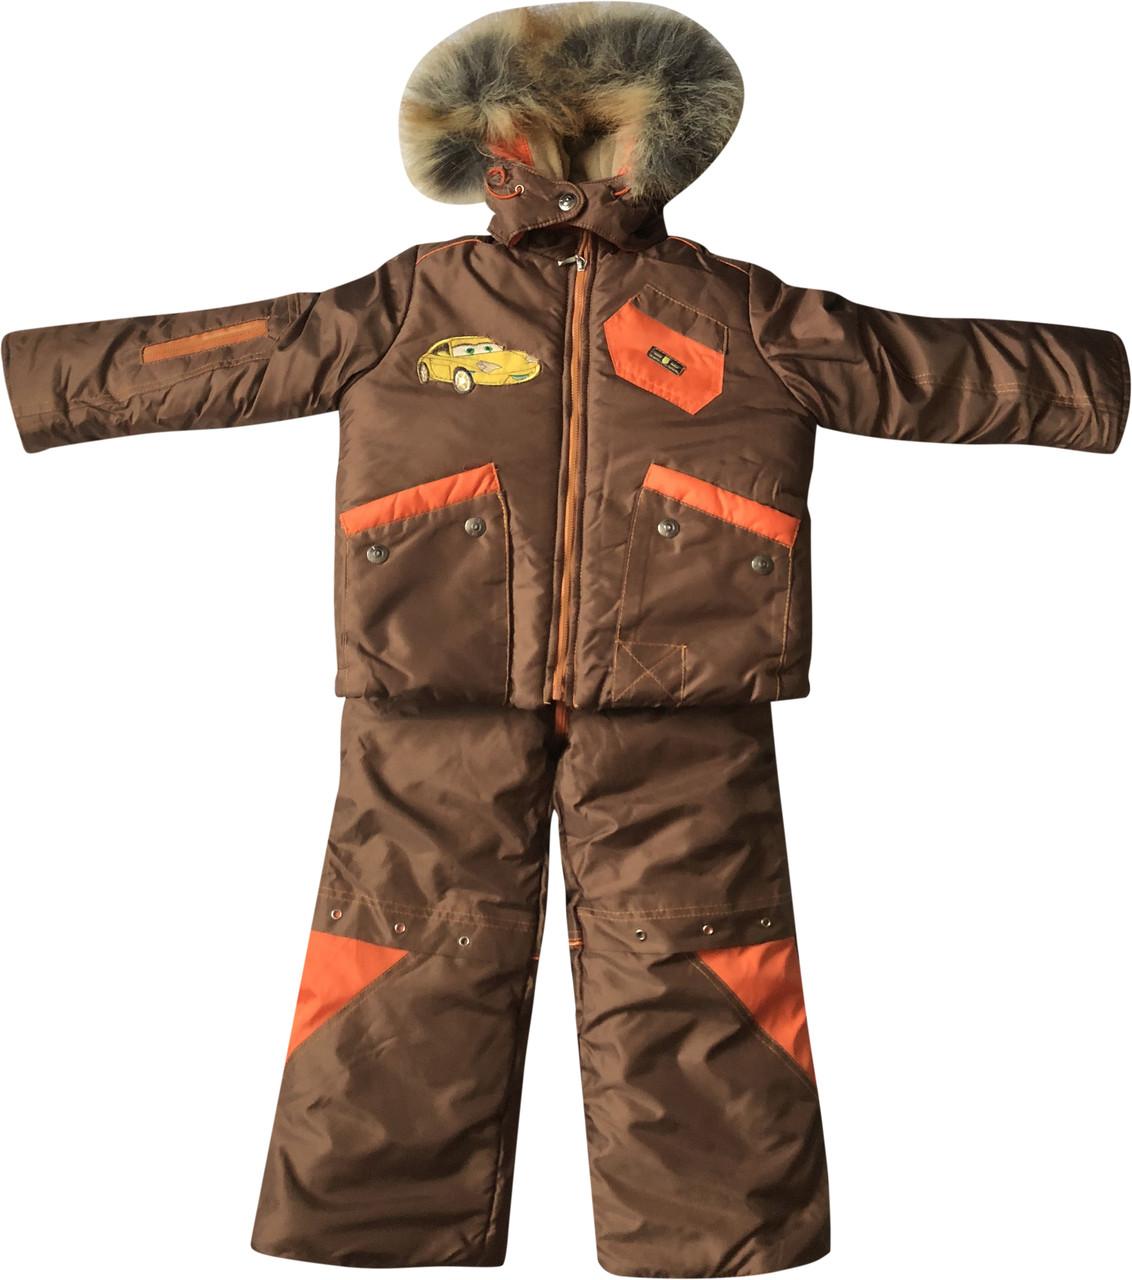 Зимовий комбінезон на хлопчика зріст 104 3-4 роки для дітей дитячий роздільний на синтепоні коричневий